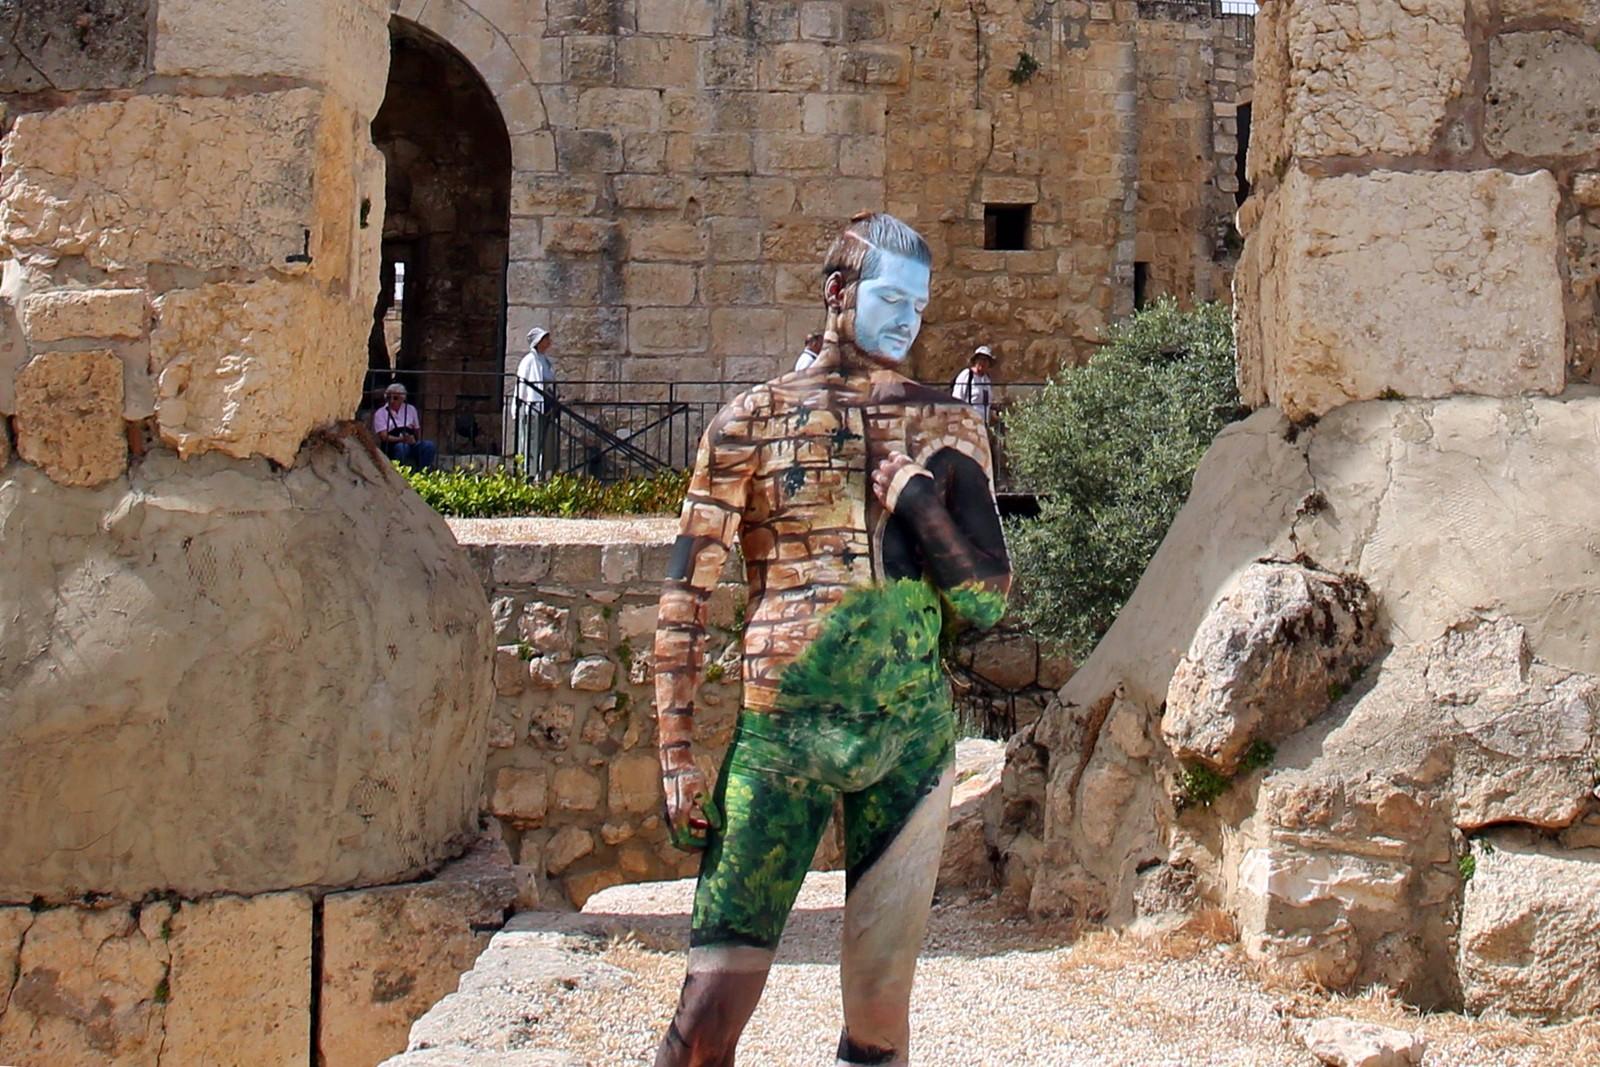 En mannlig modell malt av den israelske kunstneren Avi Ram poserer for fotografen ved Davids tårn i Jerusalems gamleby.